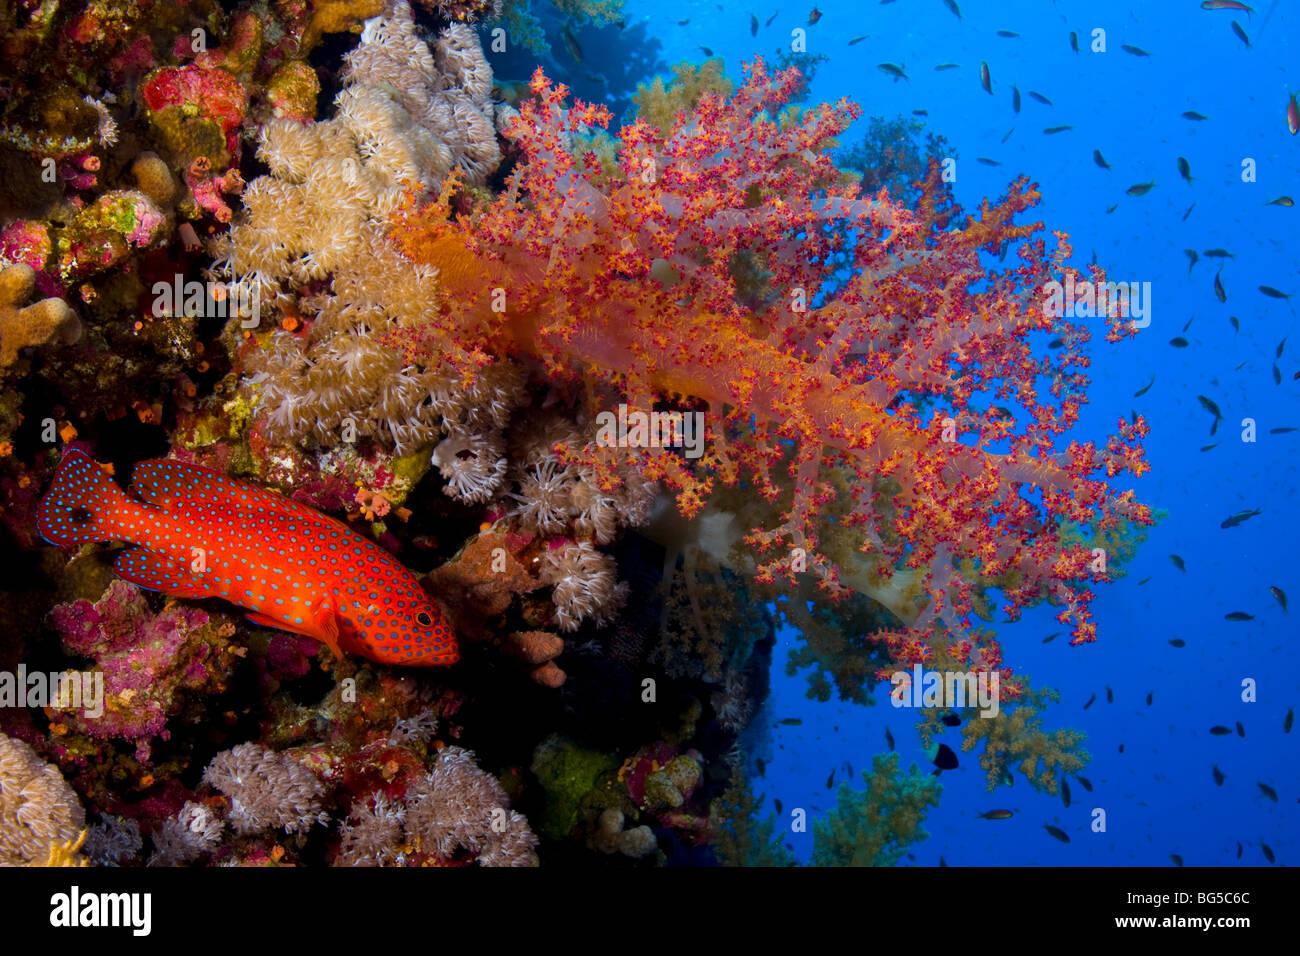 Barriere coralline del Mar Rosso, subacquea, reef tropicali, colorati coralli molli, pesce, anthias, scuba immersioni, Immagini Stock